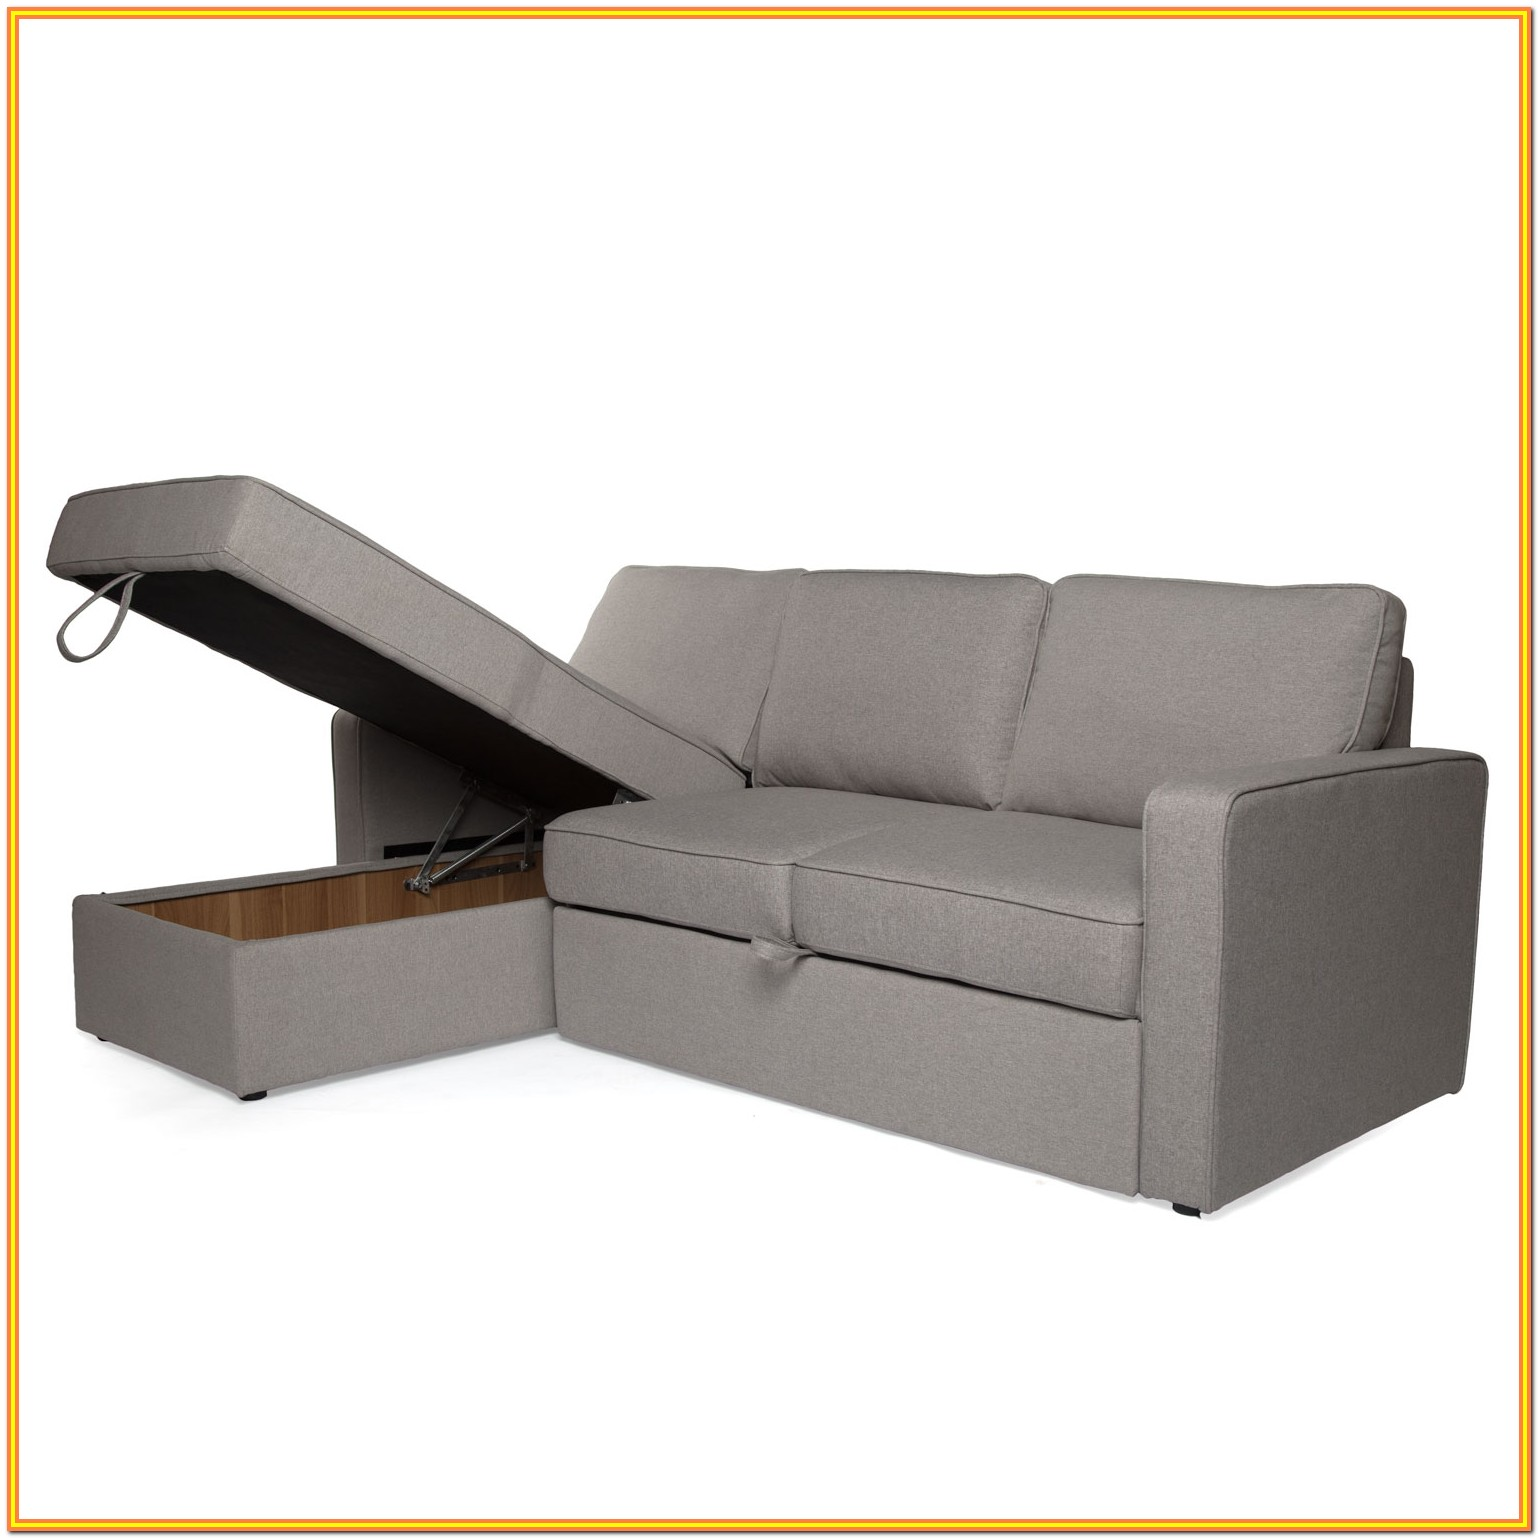 Balmain Sofa Bed & Storage Chaise